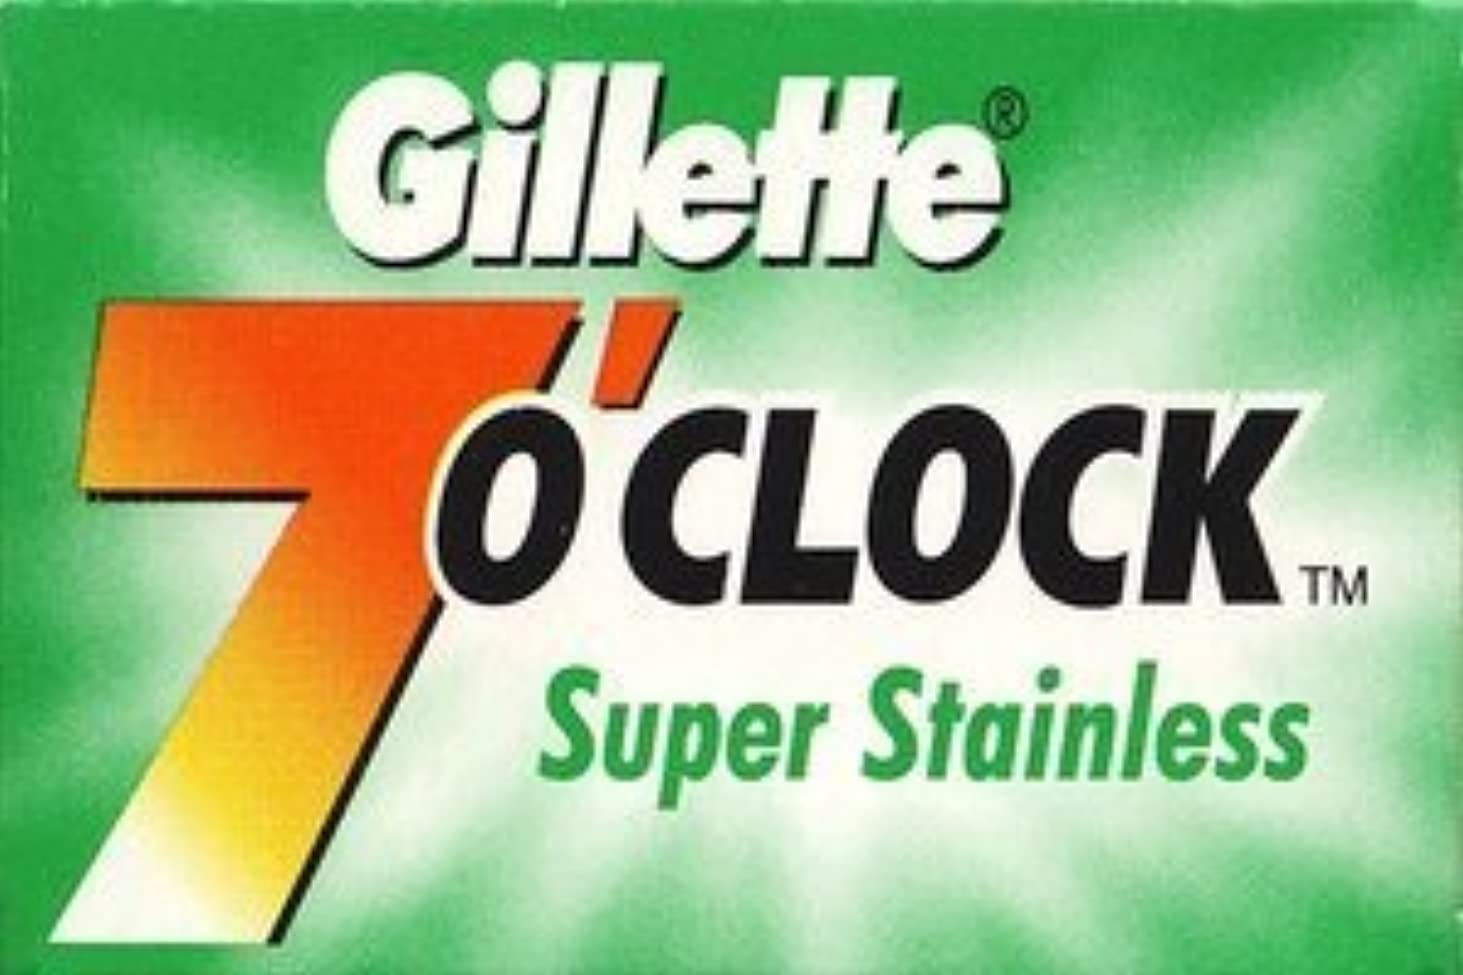 うなずく予防接種する地質学Gillette 7 0'Clock Super Stainless 両刃替刃 5枚入り(5枚入り1 個セット)【並行輸入品】